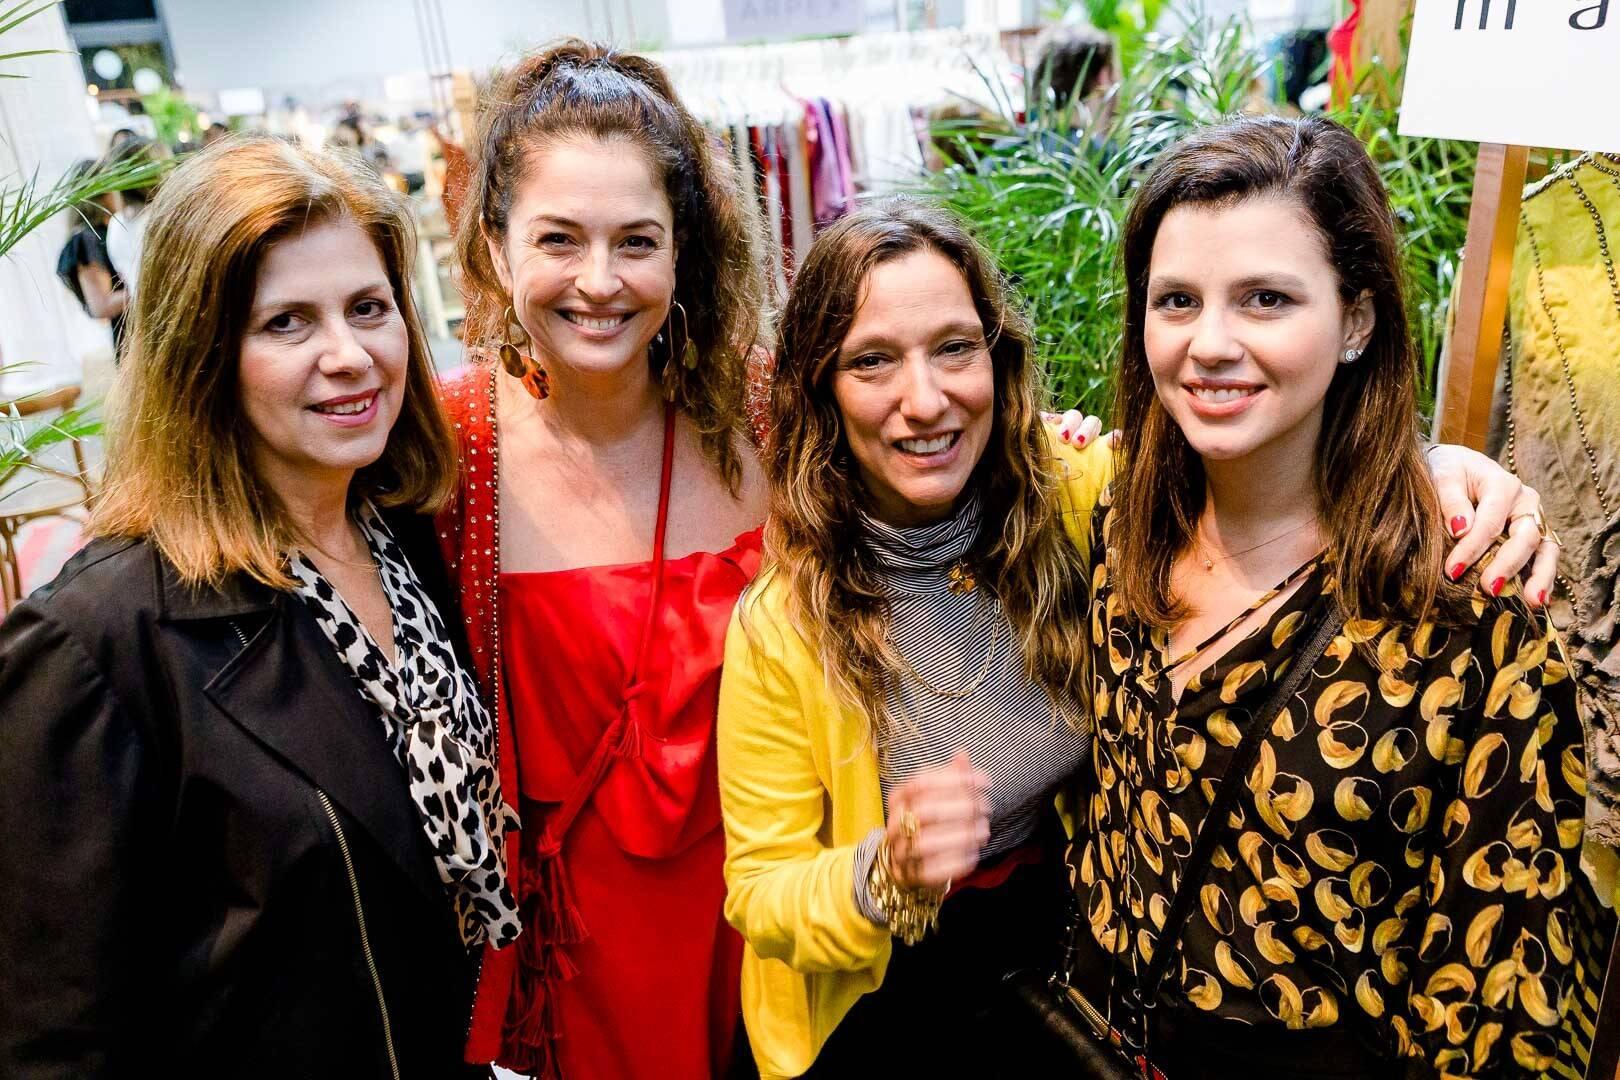 Nana Paranaguá, Marta Macedo, Isabela Capeto e Yasmine Orleans e Bragança  /Foto: Bruno Ryfer